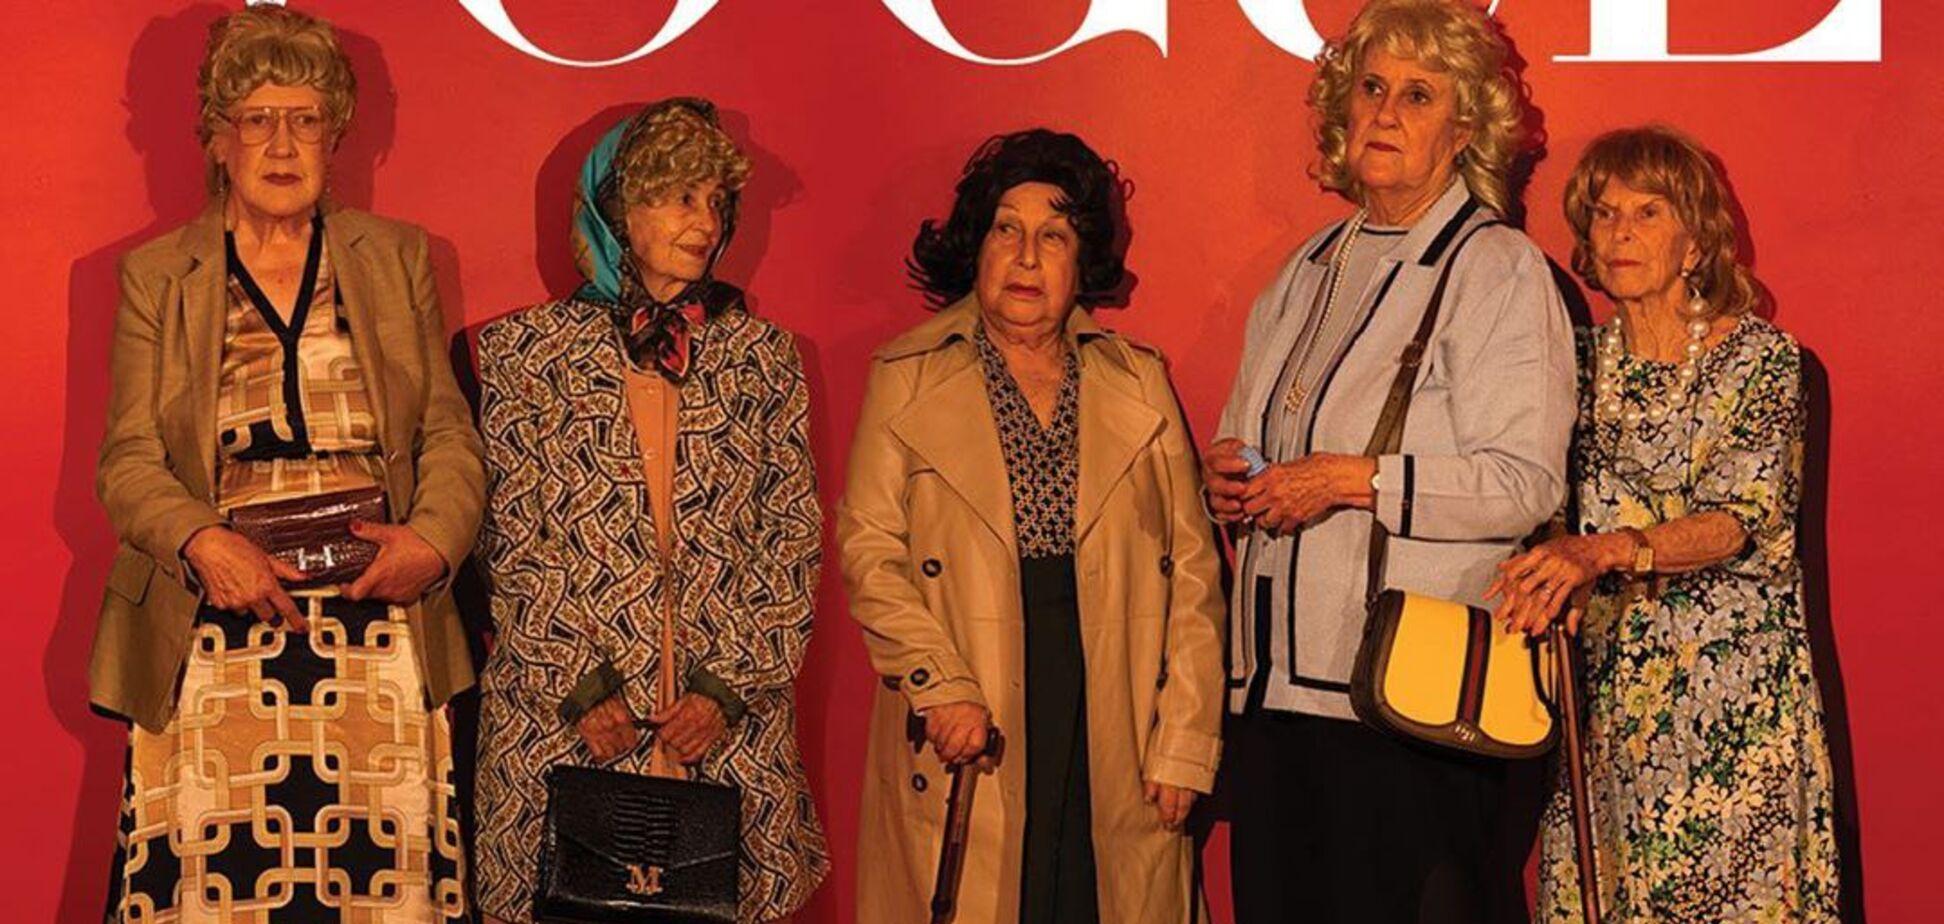 Пенсіонерки потрапили на обкладинку Vogue через пандемію коронавірусу